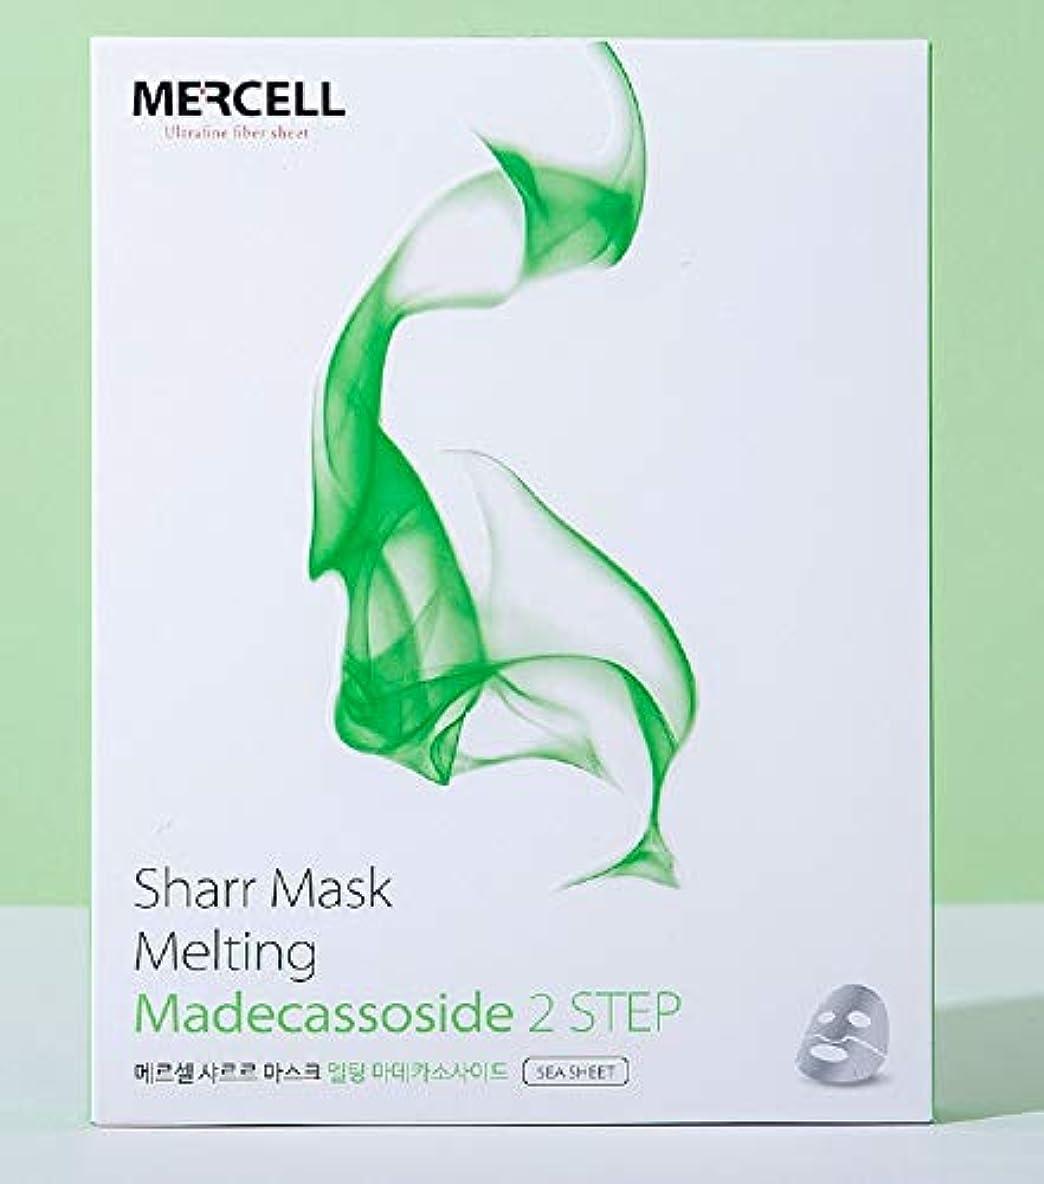 リングバック栄光の保存溶けるマスクパック Mercell(メルセル) シャルルマスク メルティング マデカソサイド 1パック(5枚入り)